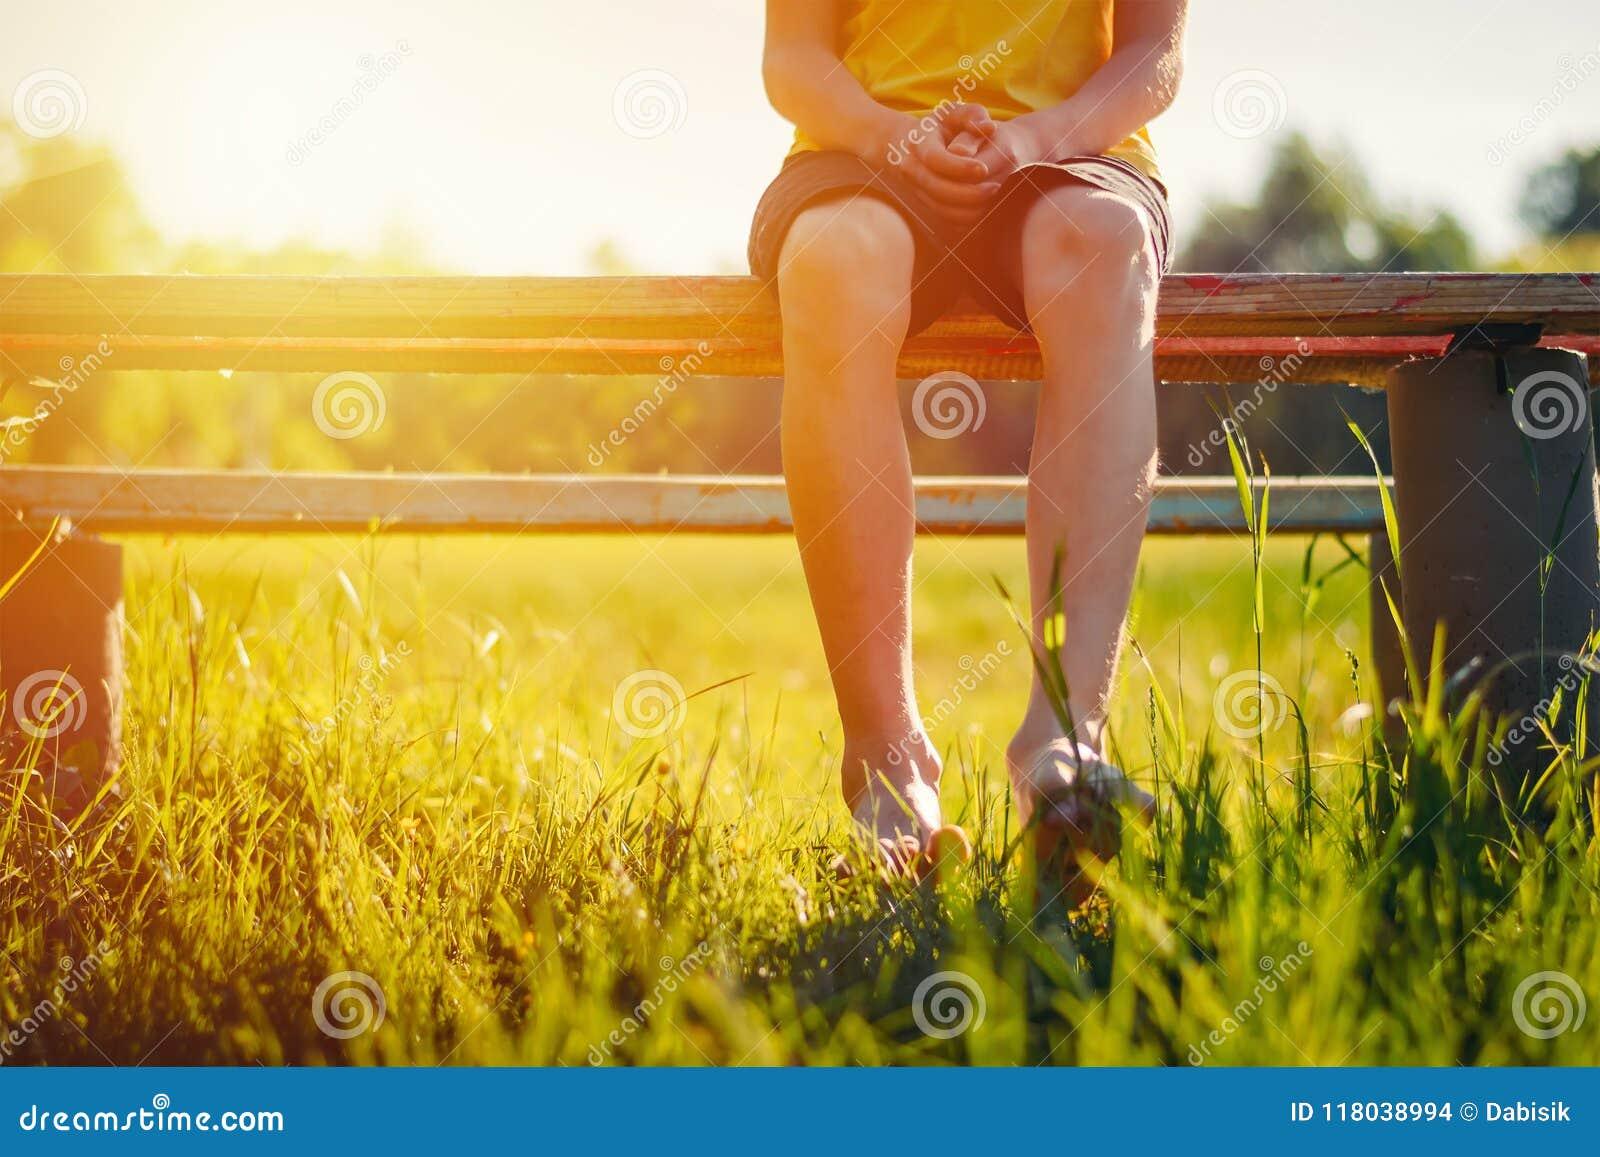 Os pés desencapados de um menino penduram para baixo de um banco